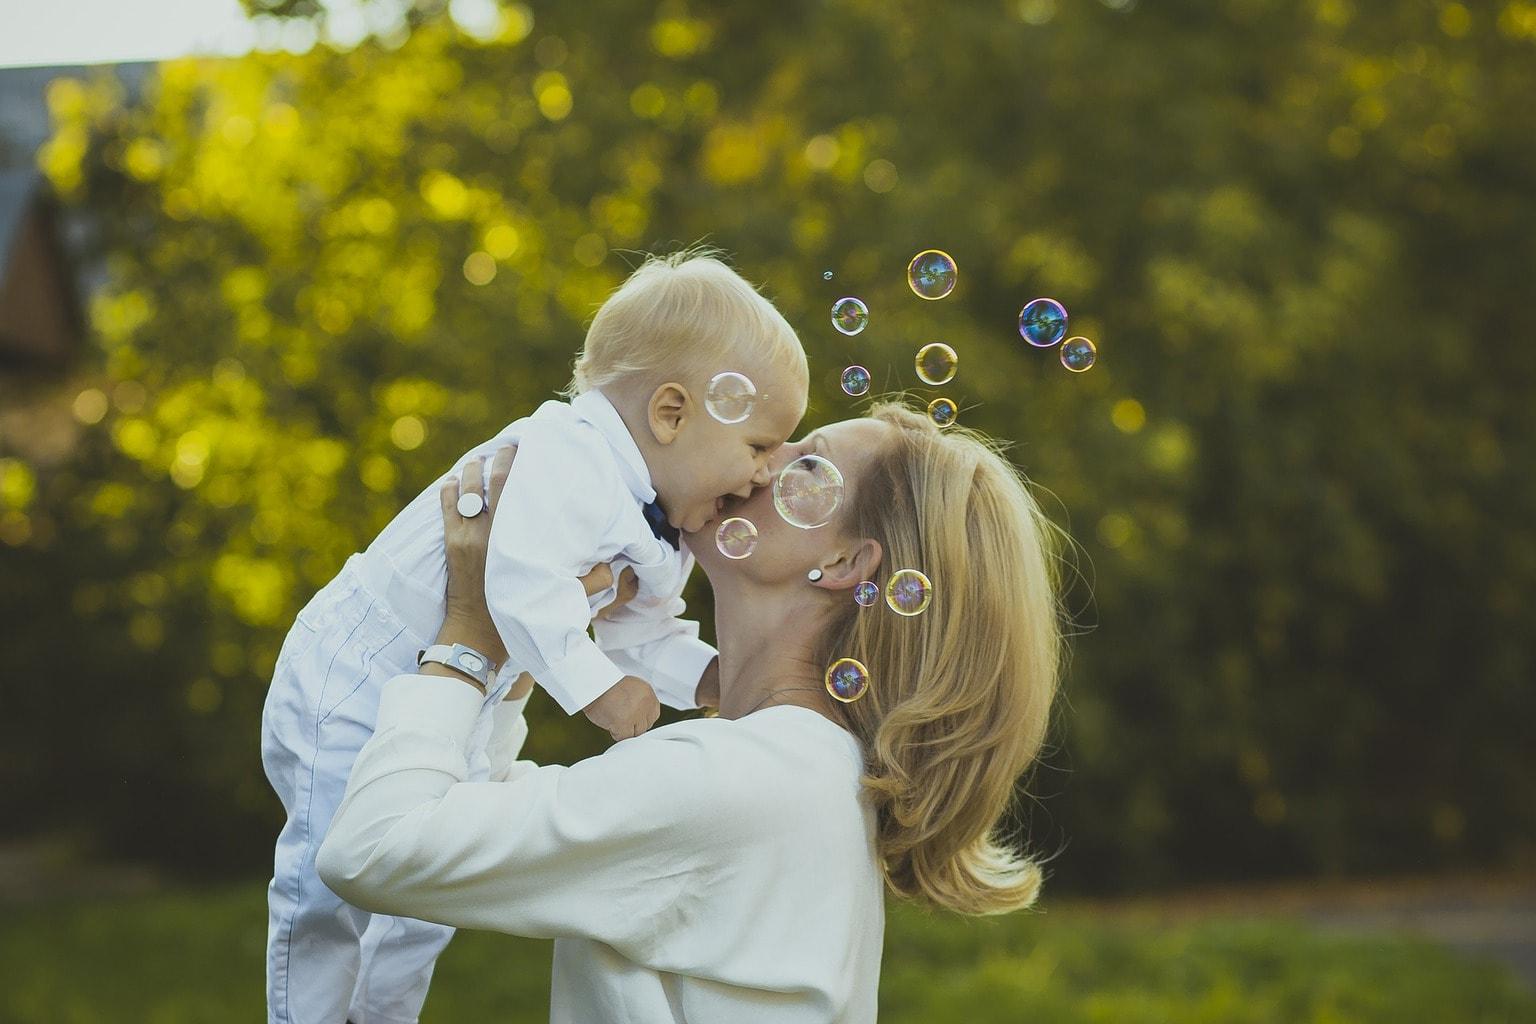 Fotografía de una madre con bebé y burbujas